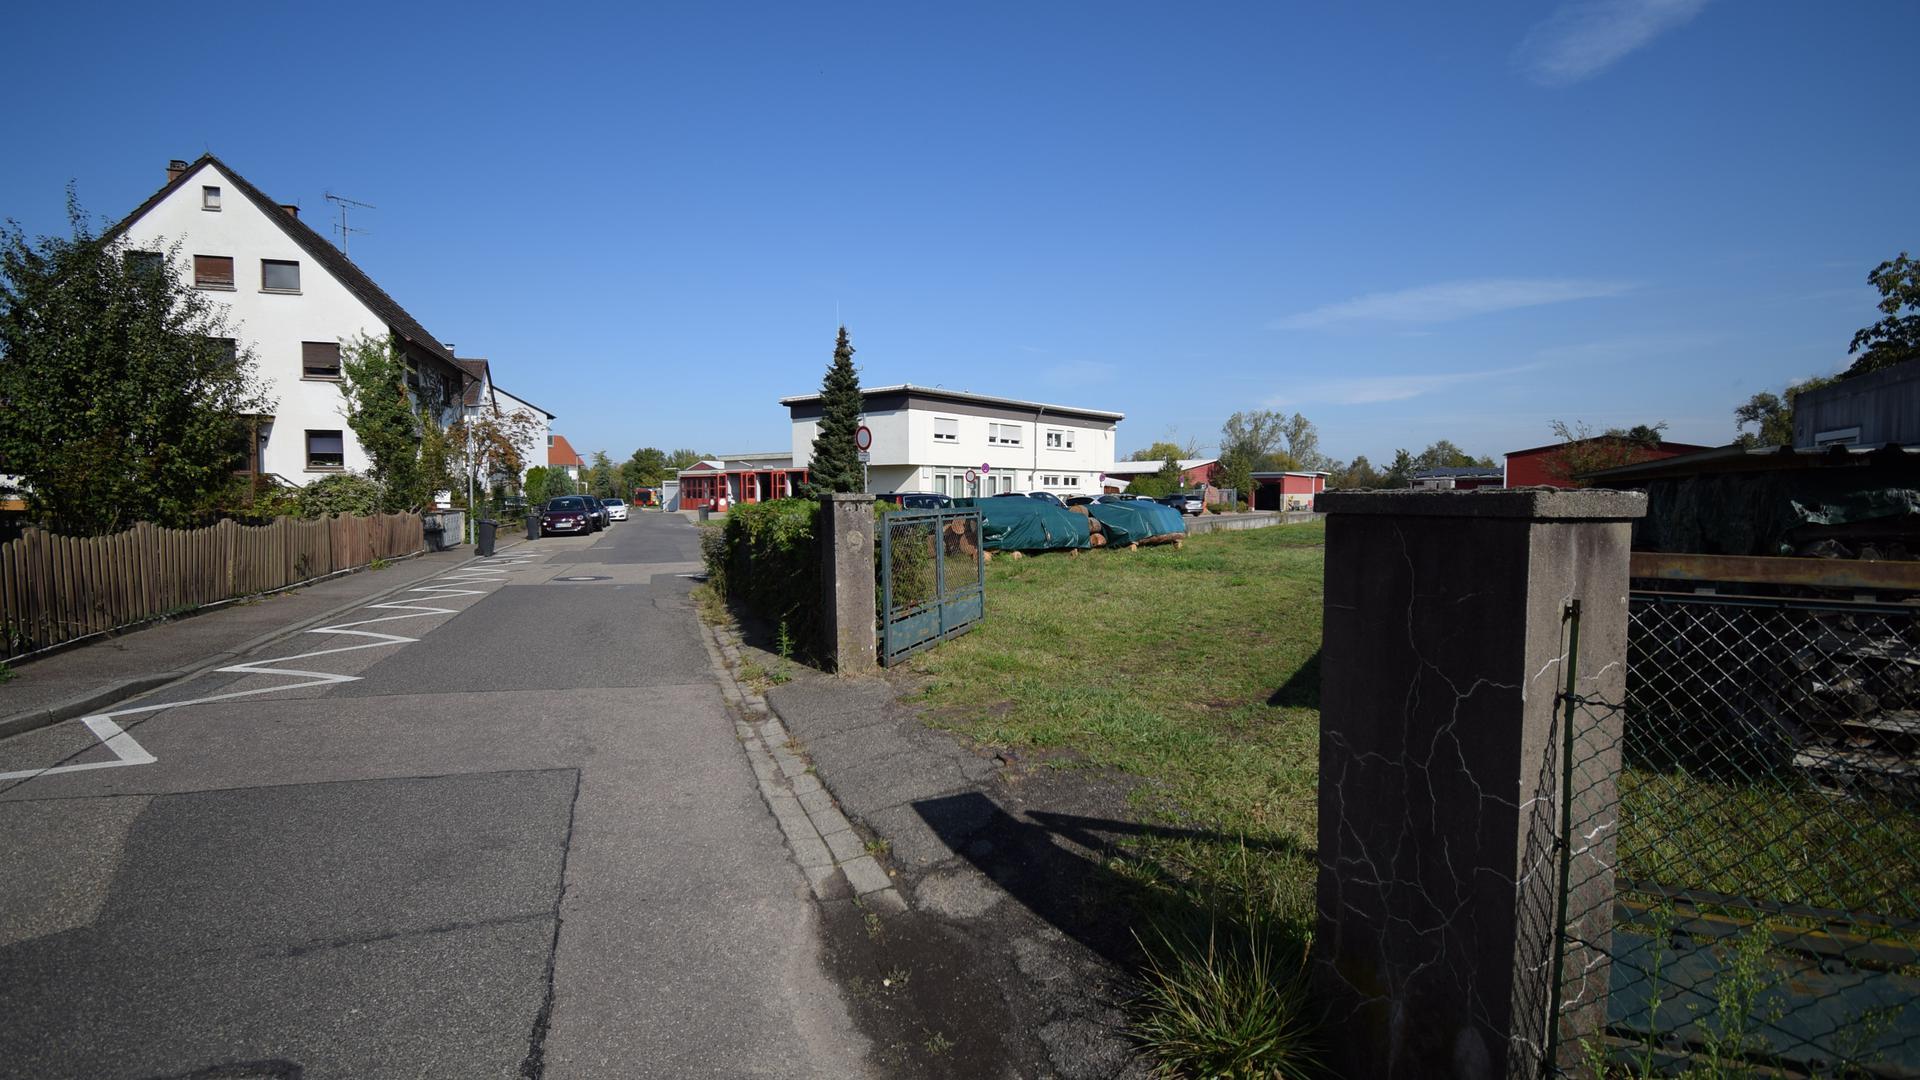 Baugebiet: In der Florianstraße sollen neue Wohnungen entstehen. Anwohner haben Sorge, dass nicht genügend parkplätze zur Verfügung stehen. (Archivbild)